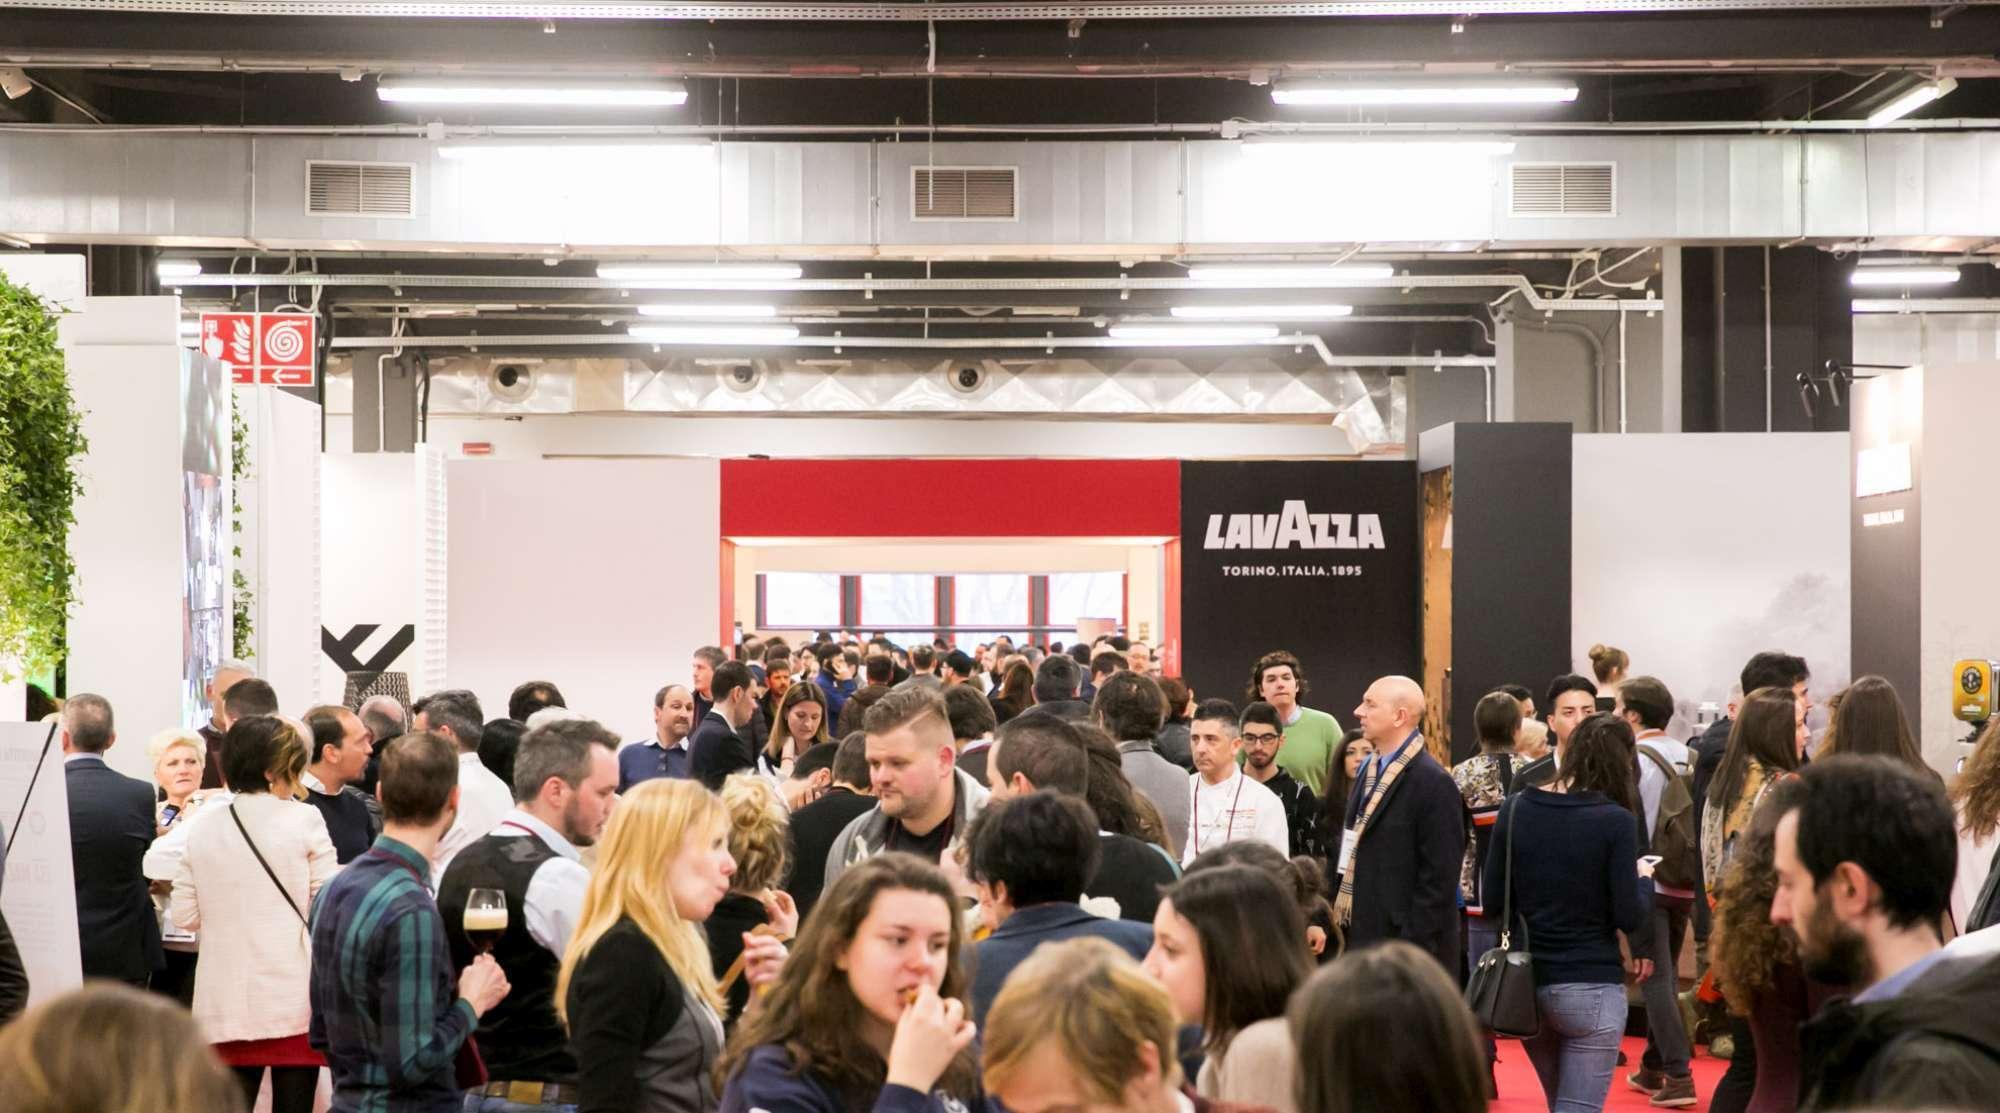 Al via  Identità golose 2019 : il congresso celebra il connubio tra cucina e tv